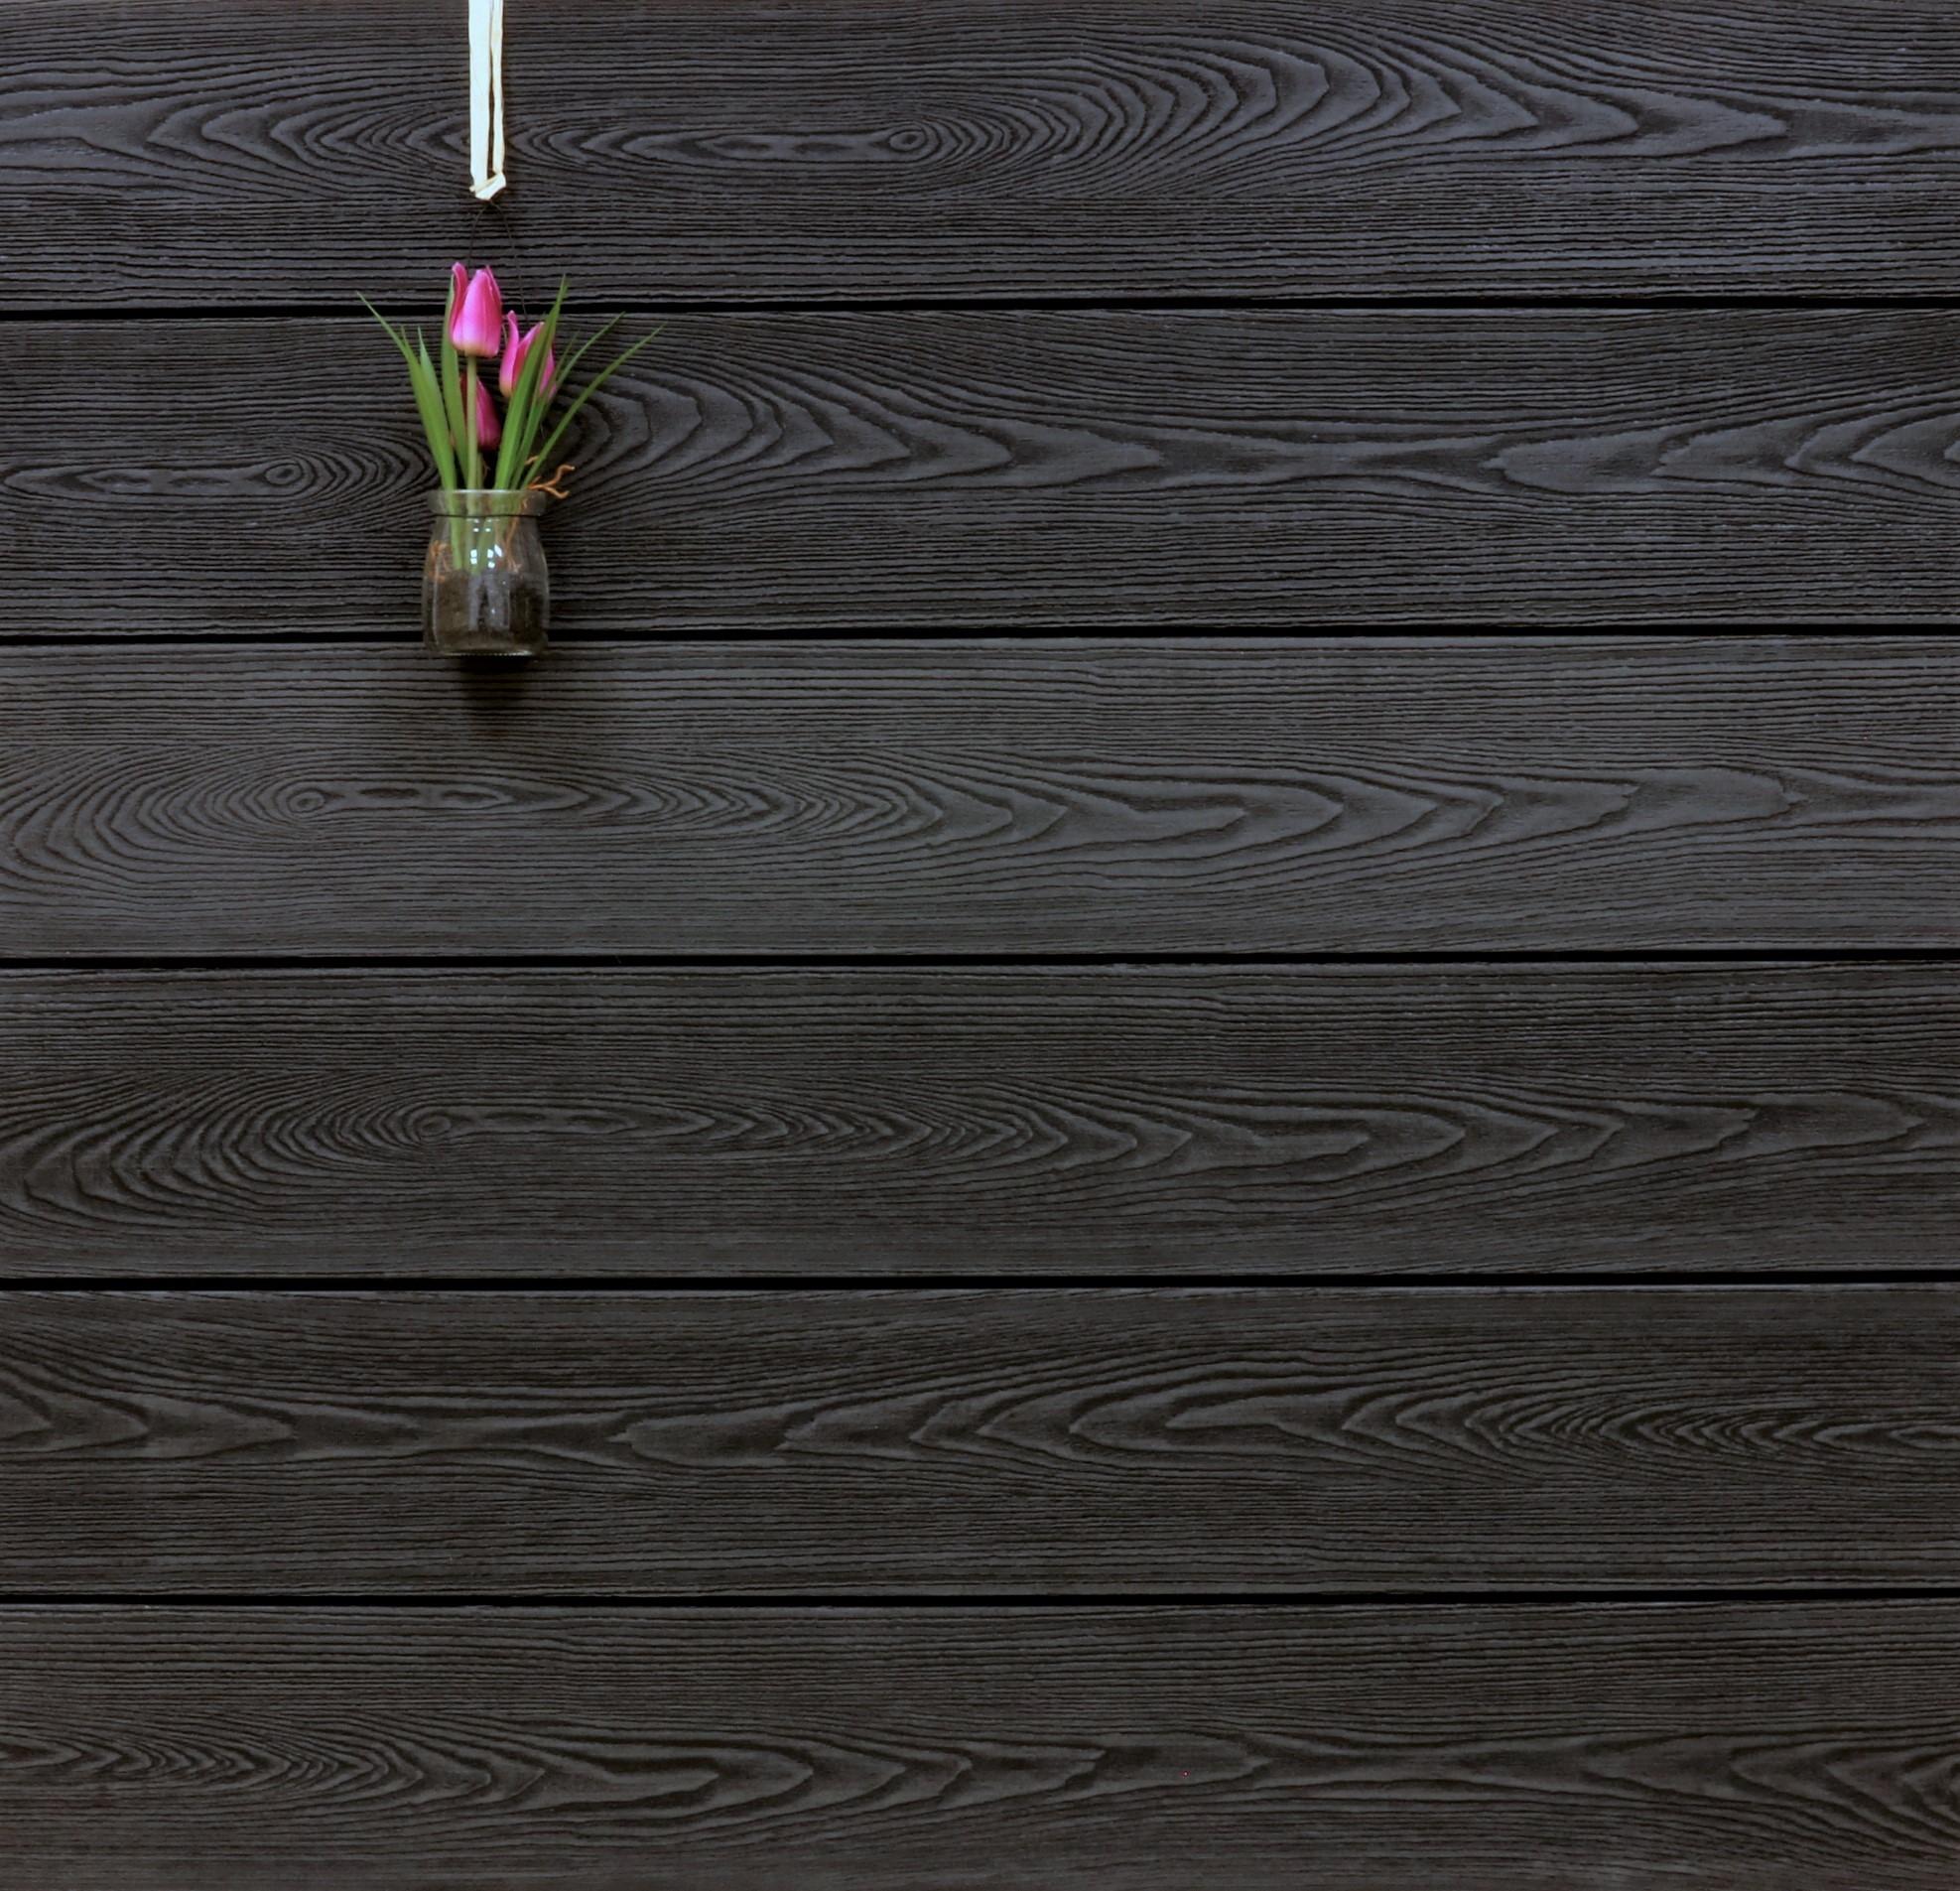 WPC Terrasse massiv, anthrazit, Oberfläche mit Struktur in Holzoptik, 22 x 143 bis 4800 mm, Vollprofil, 9,90 €/lfm